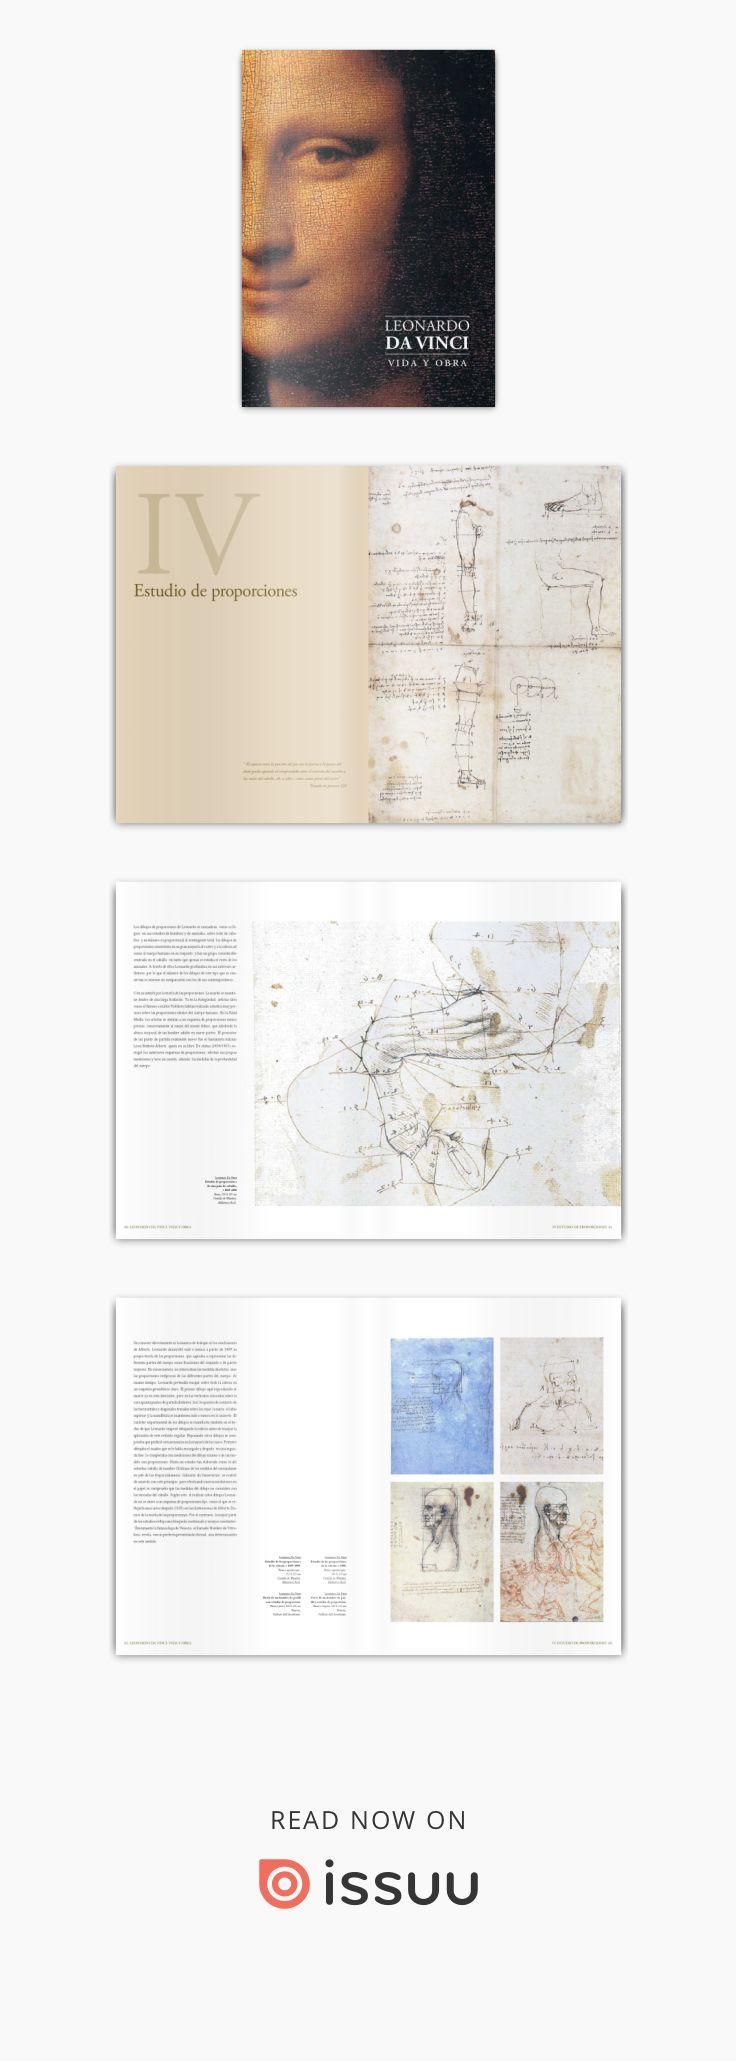 Libro de Artista. Leonardo Da Vinci  Libro de artista que recoge la vida y obra de Leonardo Da Vinci, realizado para la asignatura de Filosofía y Estética del 2º Curso del Grado de Diseño Gráfico en la Escuela de Arte y Superior de Diseño de Vitoria-Gasteiz